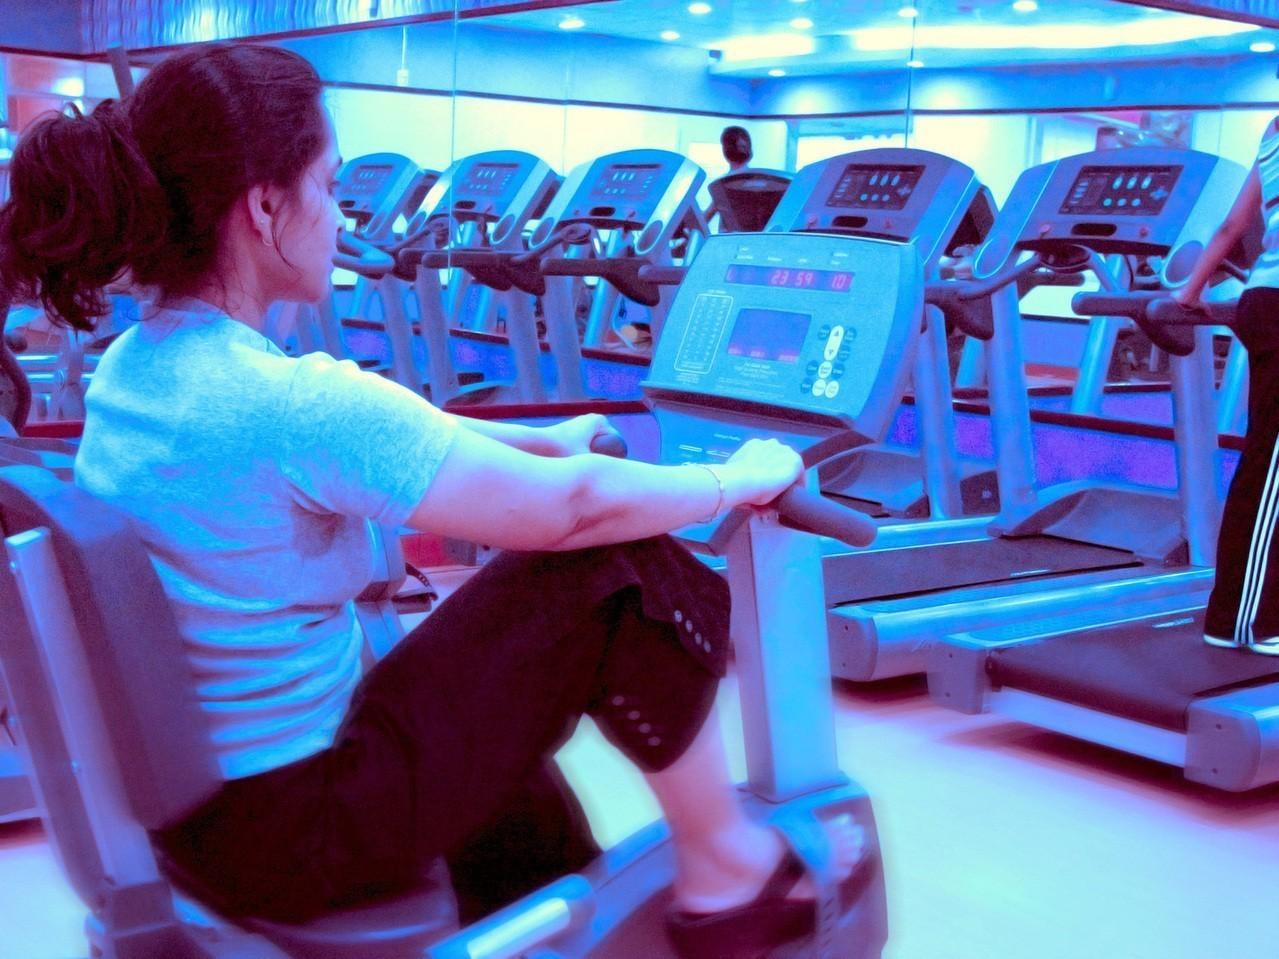 Ćwiczenia fizyczne w domu